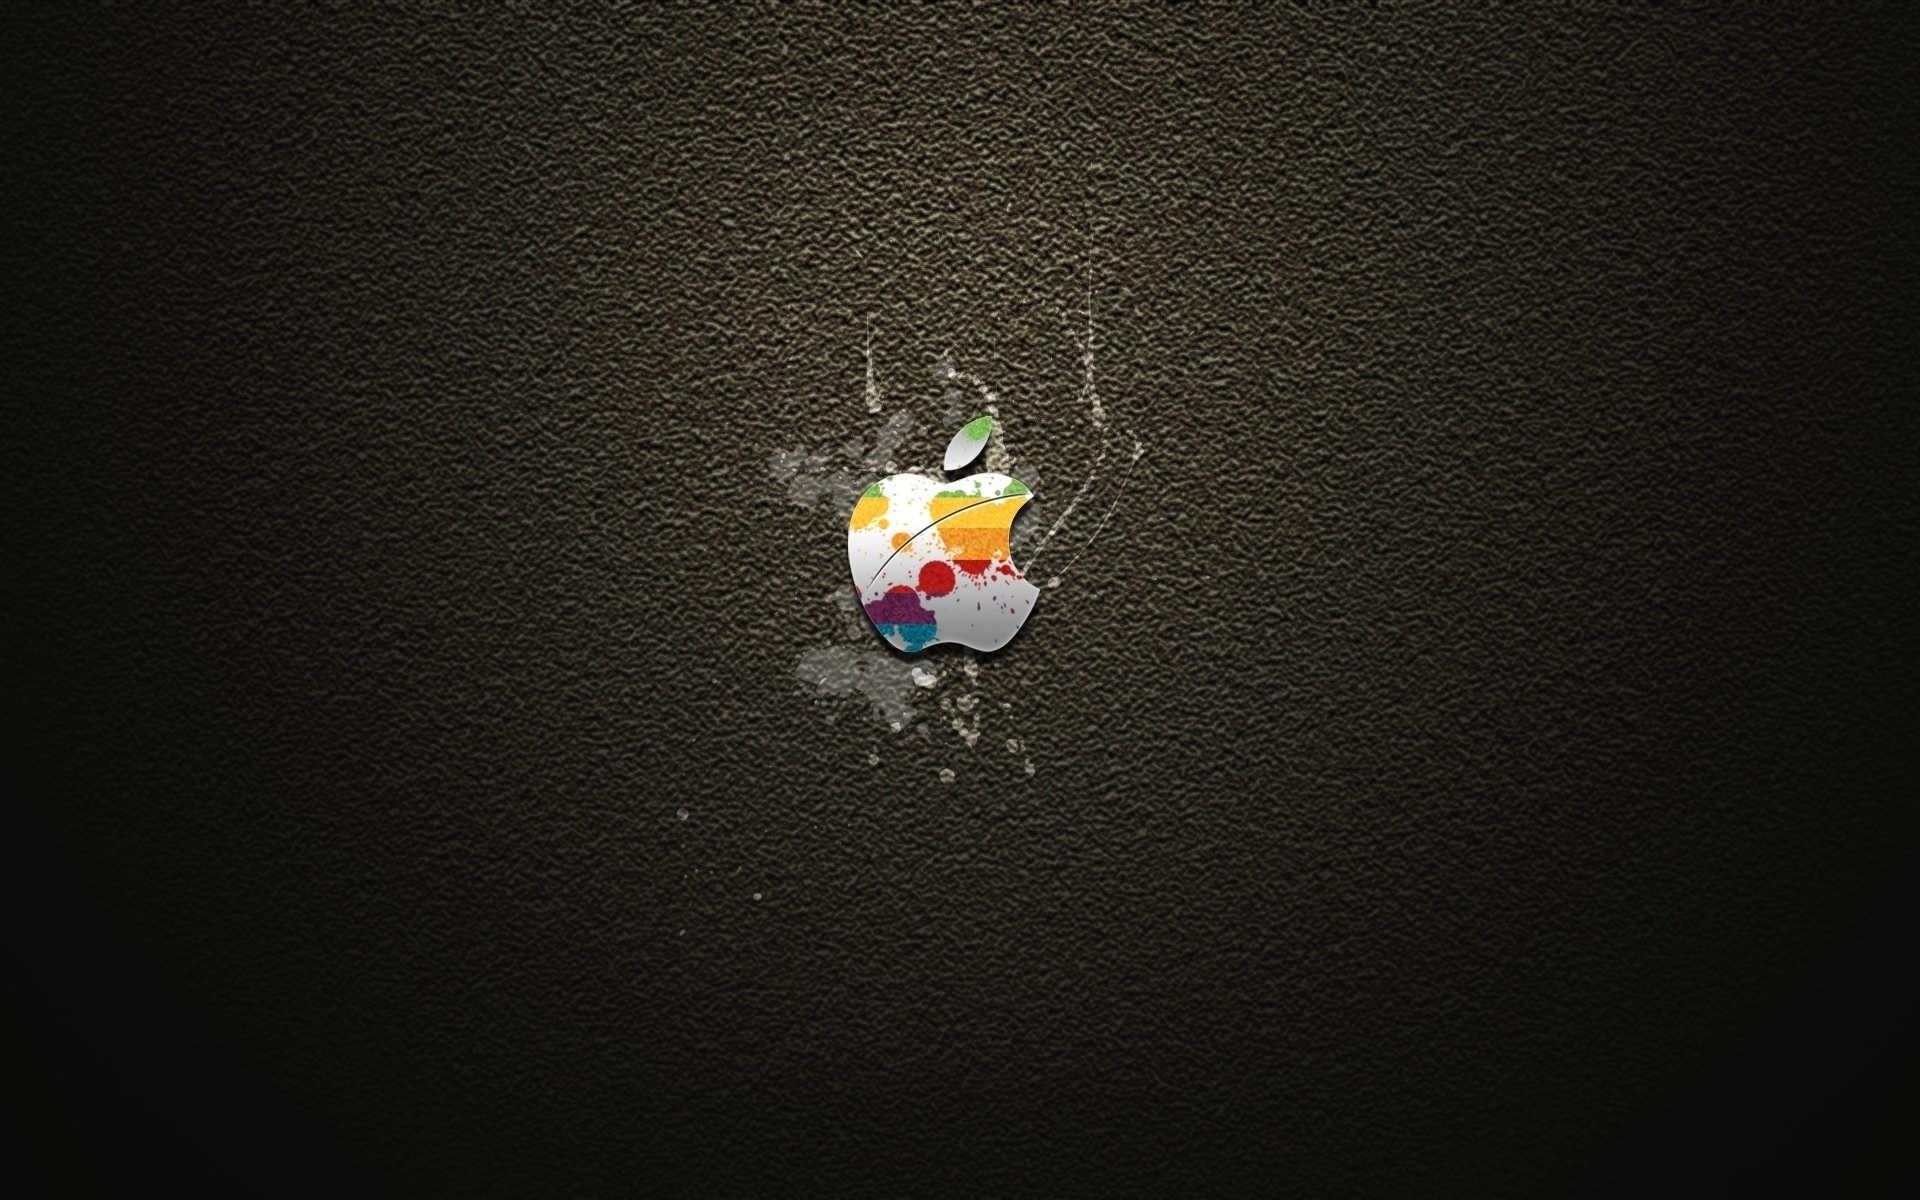 شرکت اپل اقدام به تولید پردازنده های گرافیکی کرد